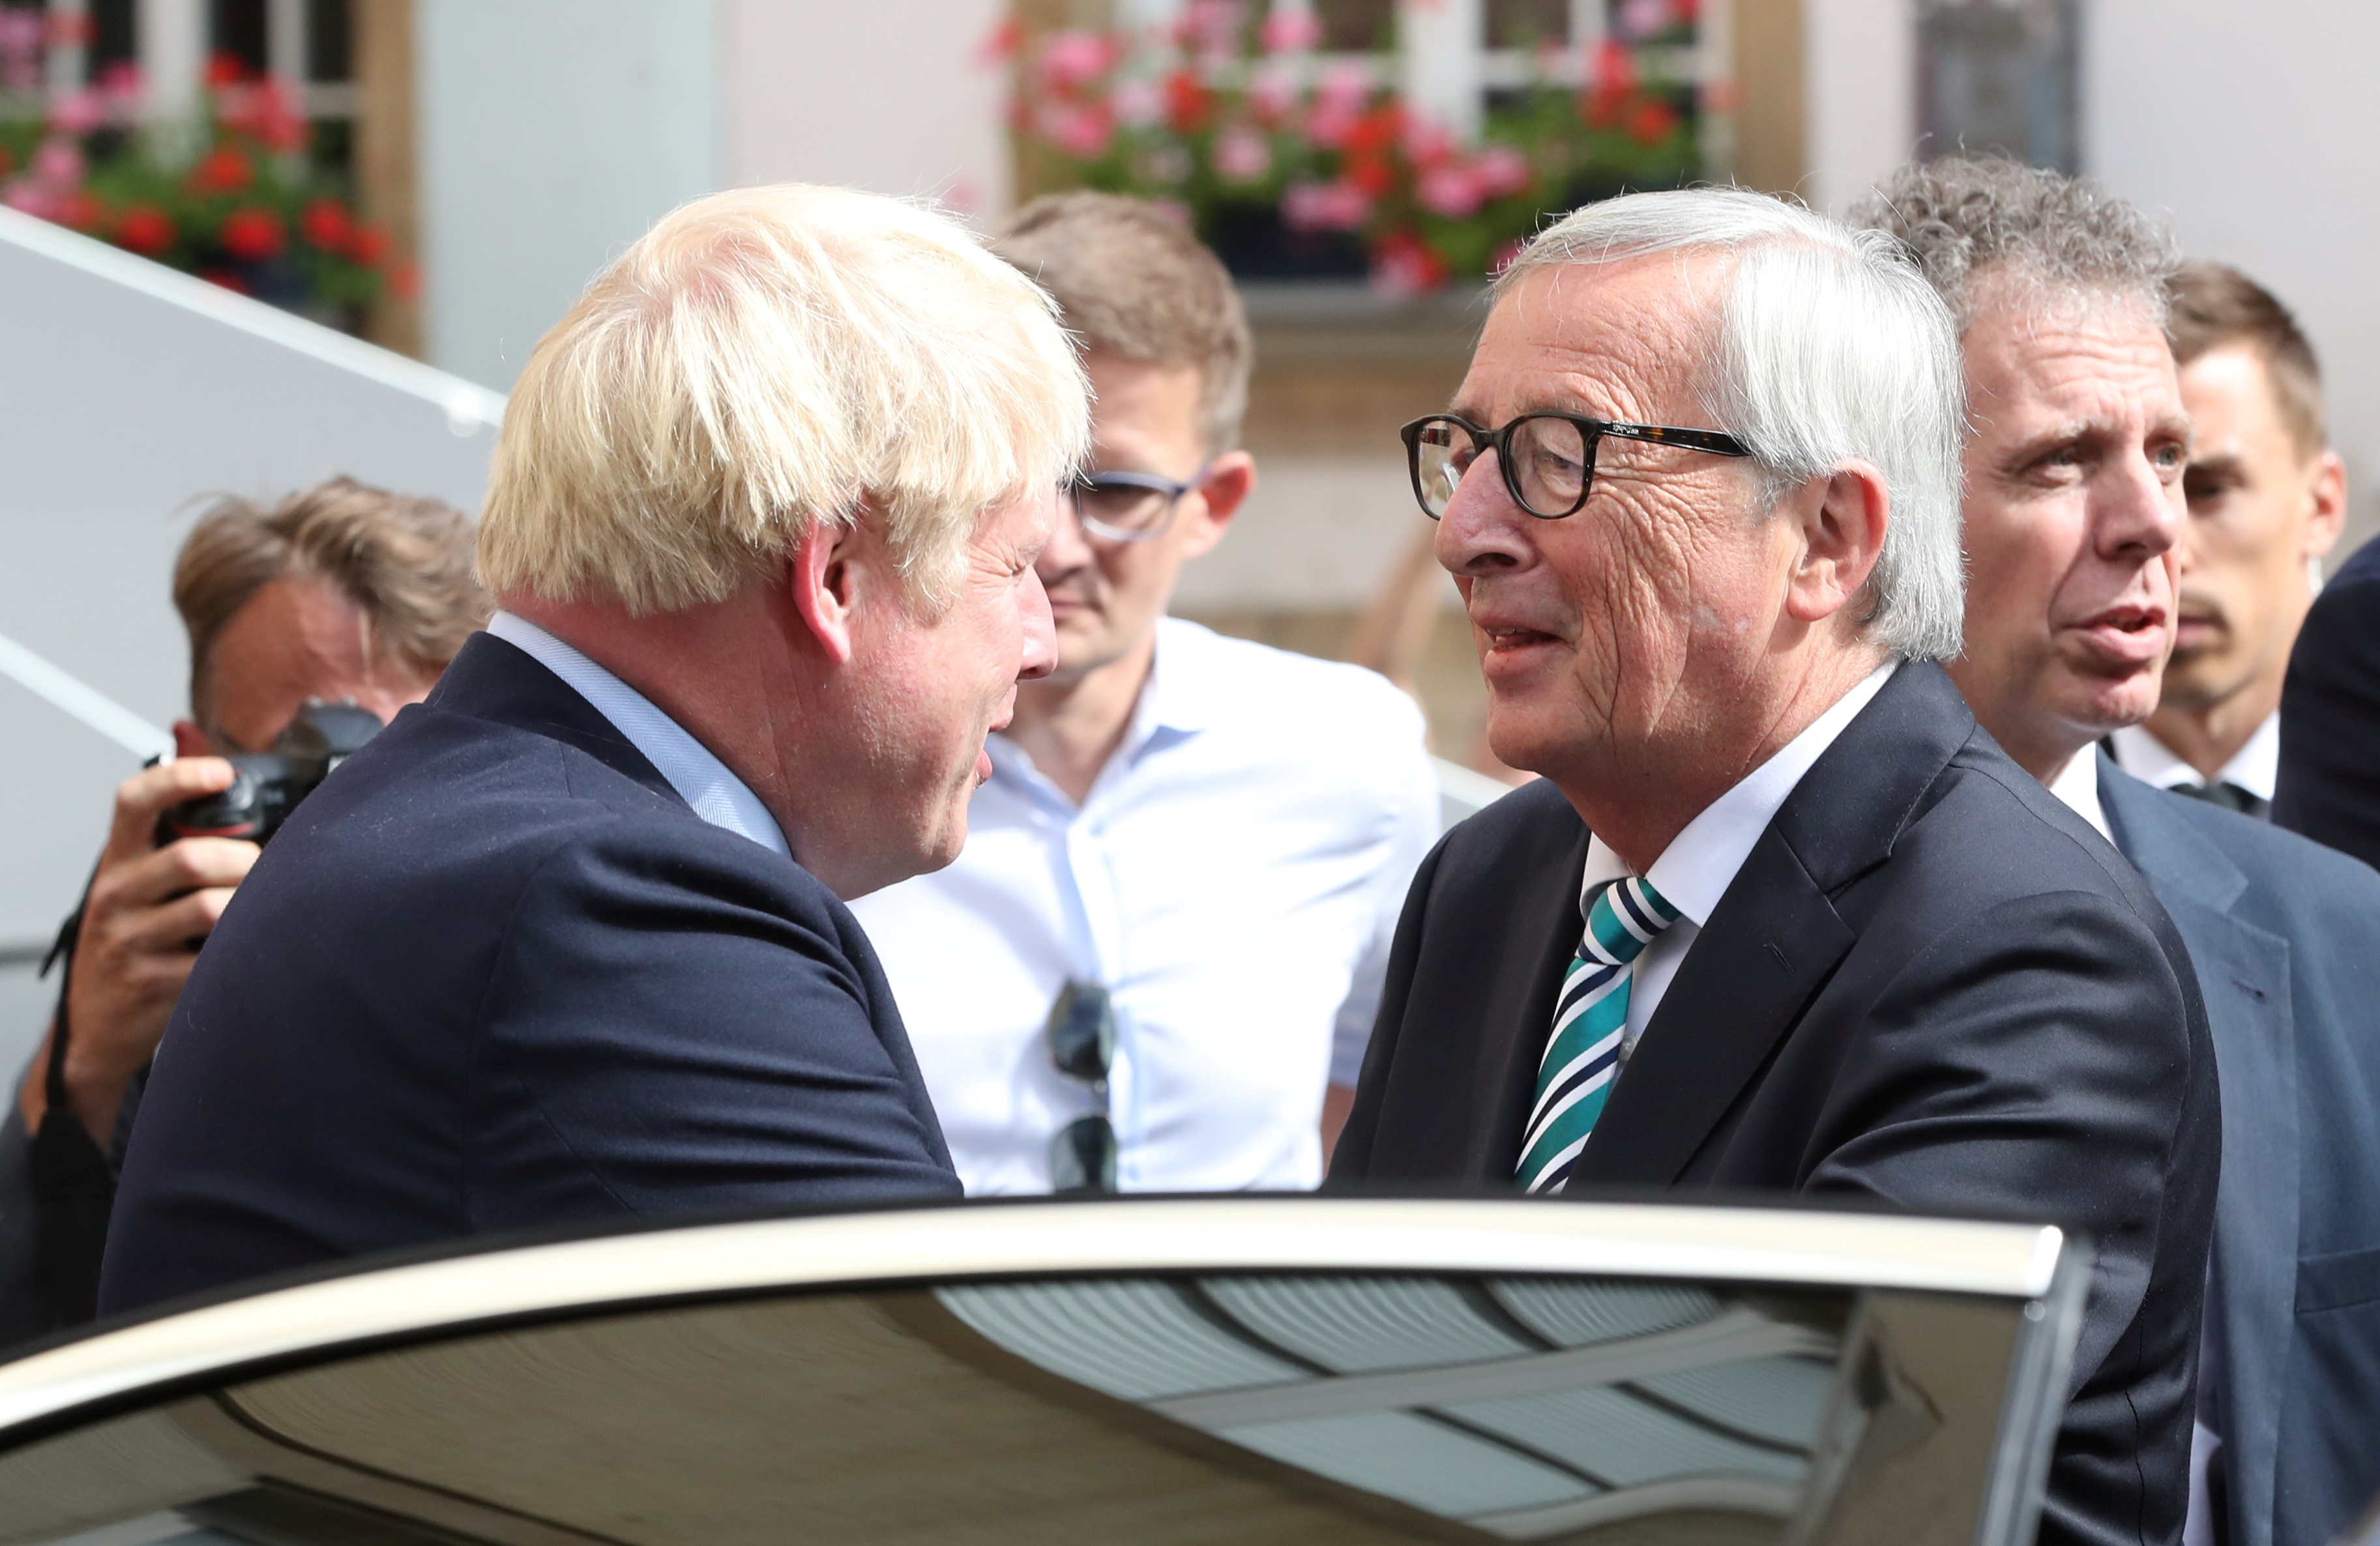 """Γιούνκερ: """"Πλησιάζουμε σε συμφωνία εξόδου της Βρετανίας"""" - """"Δεν... κολλάω στο backstop""""!"""